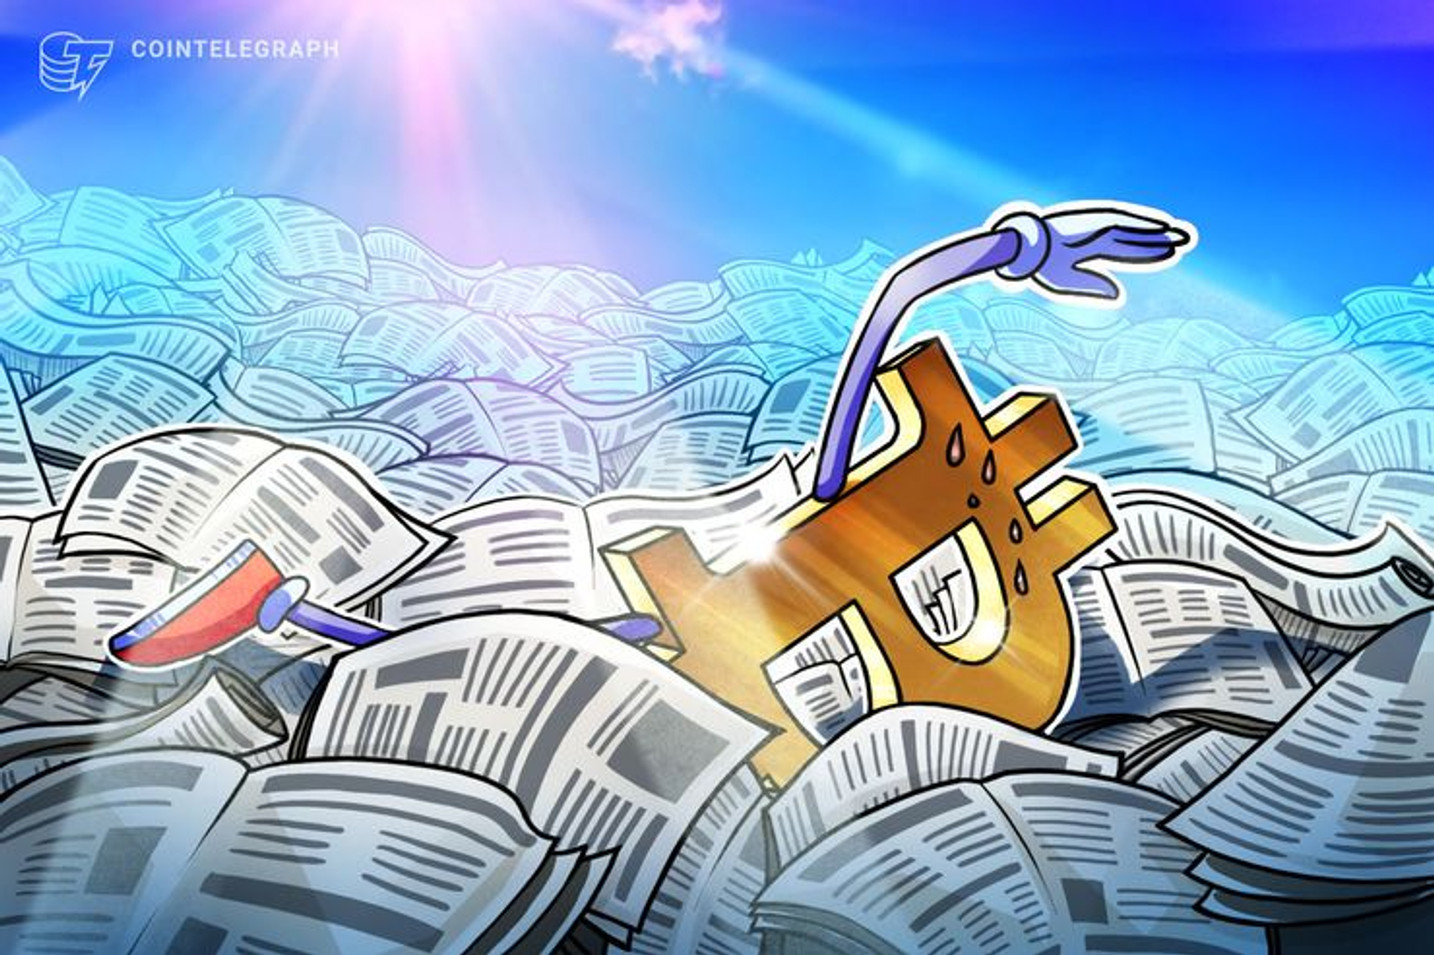 Menos de 1 Satoshi: Conoce las monedas FIAT que valen menos que la cantidad más pequeña de Bitcoin